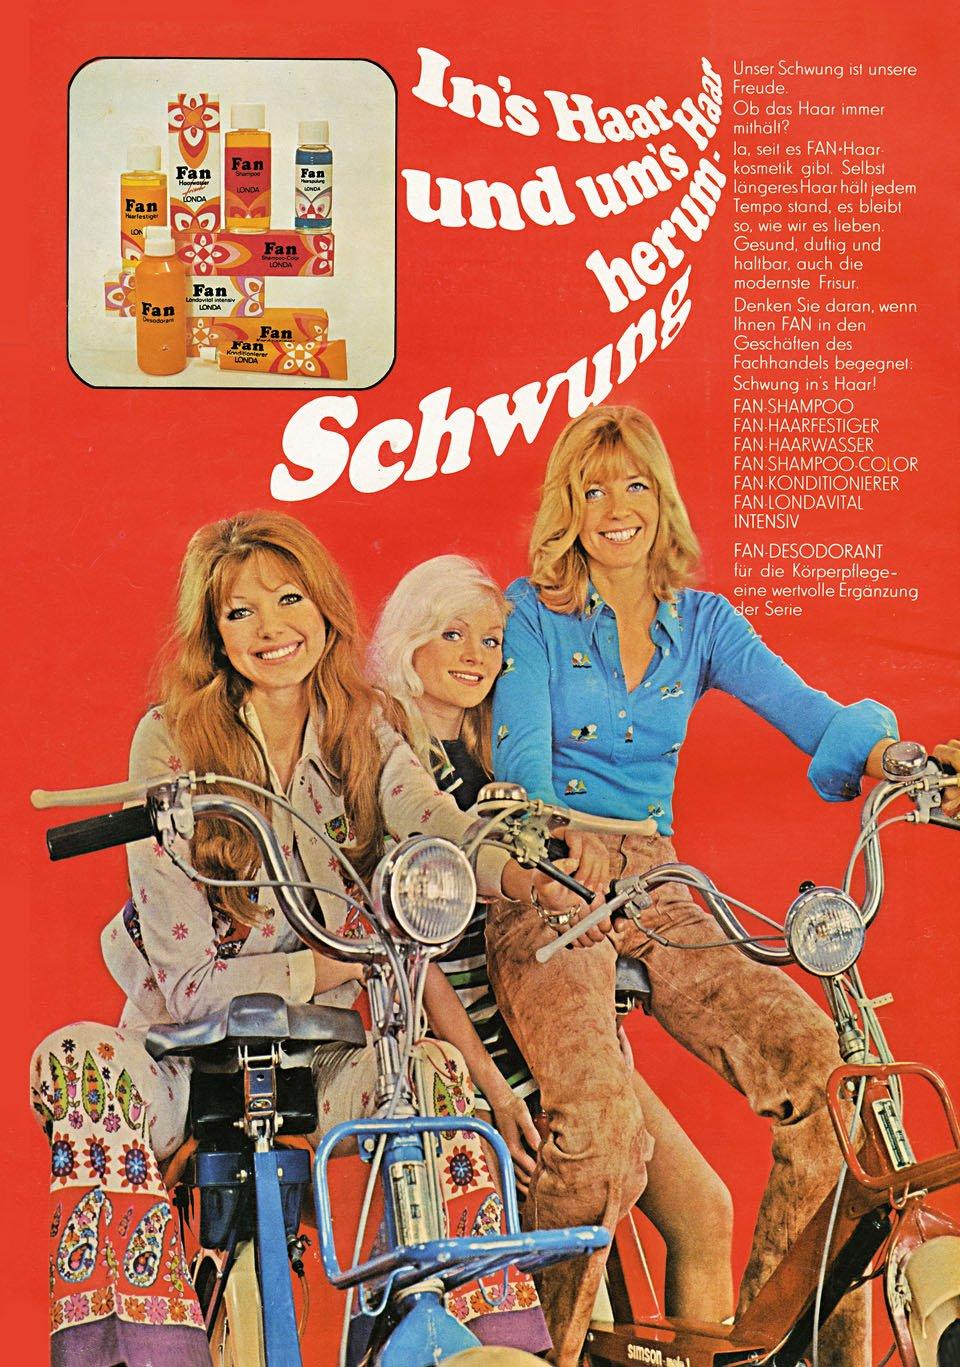 Anuncio para os produtos para pelo Fan, 1973